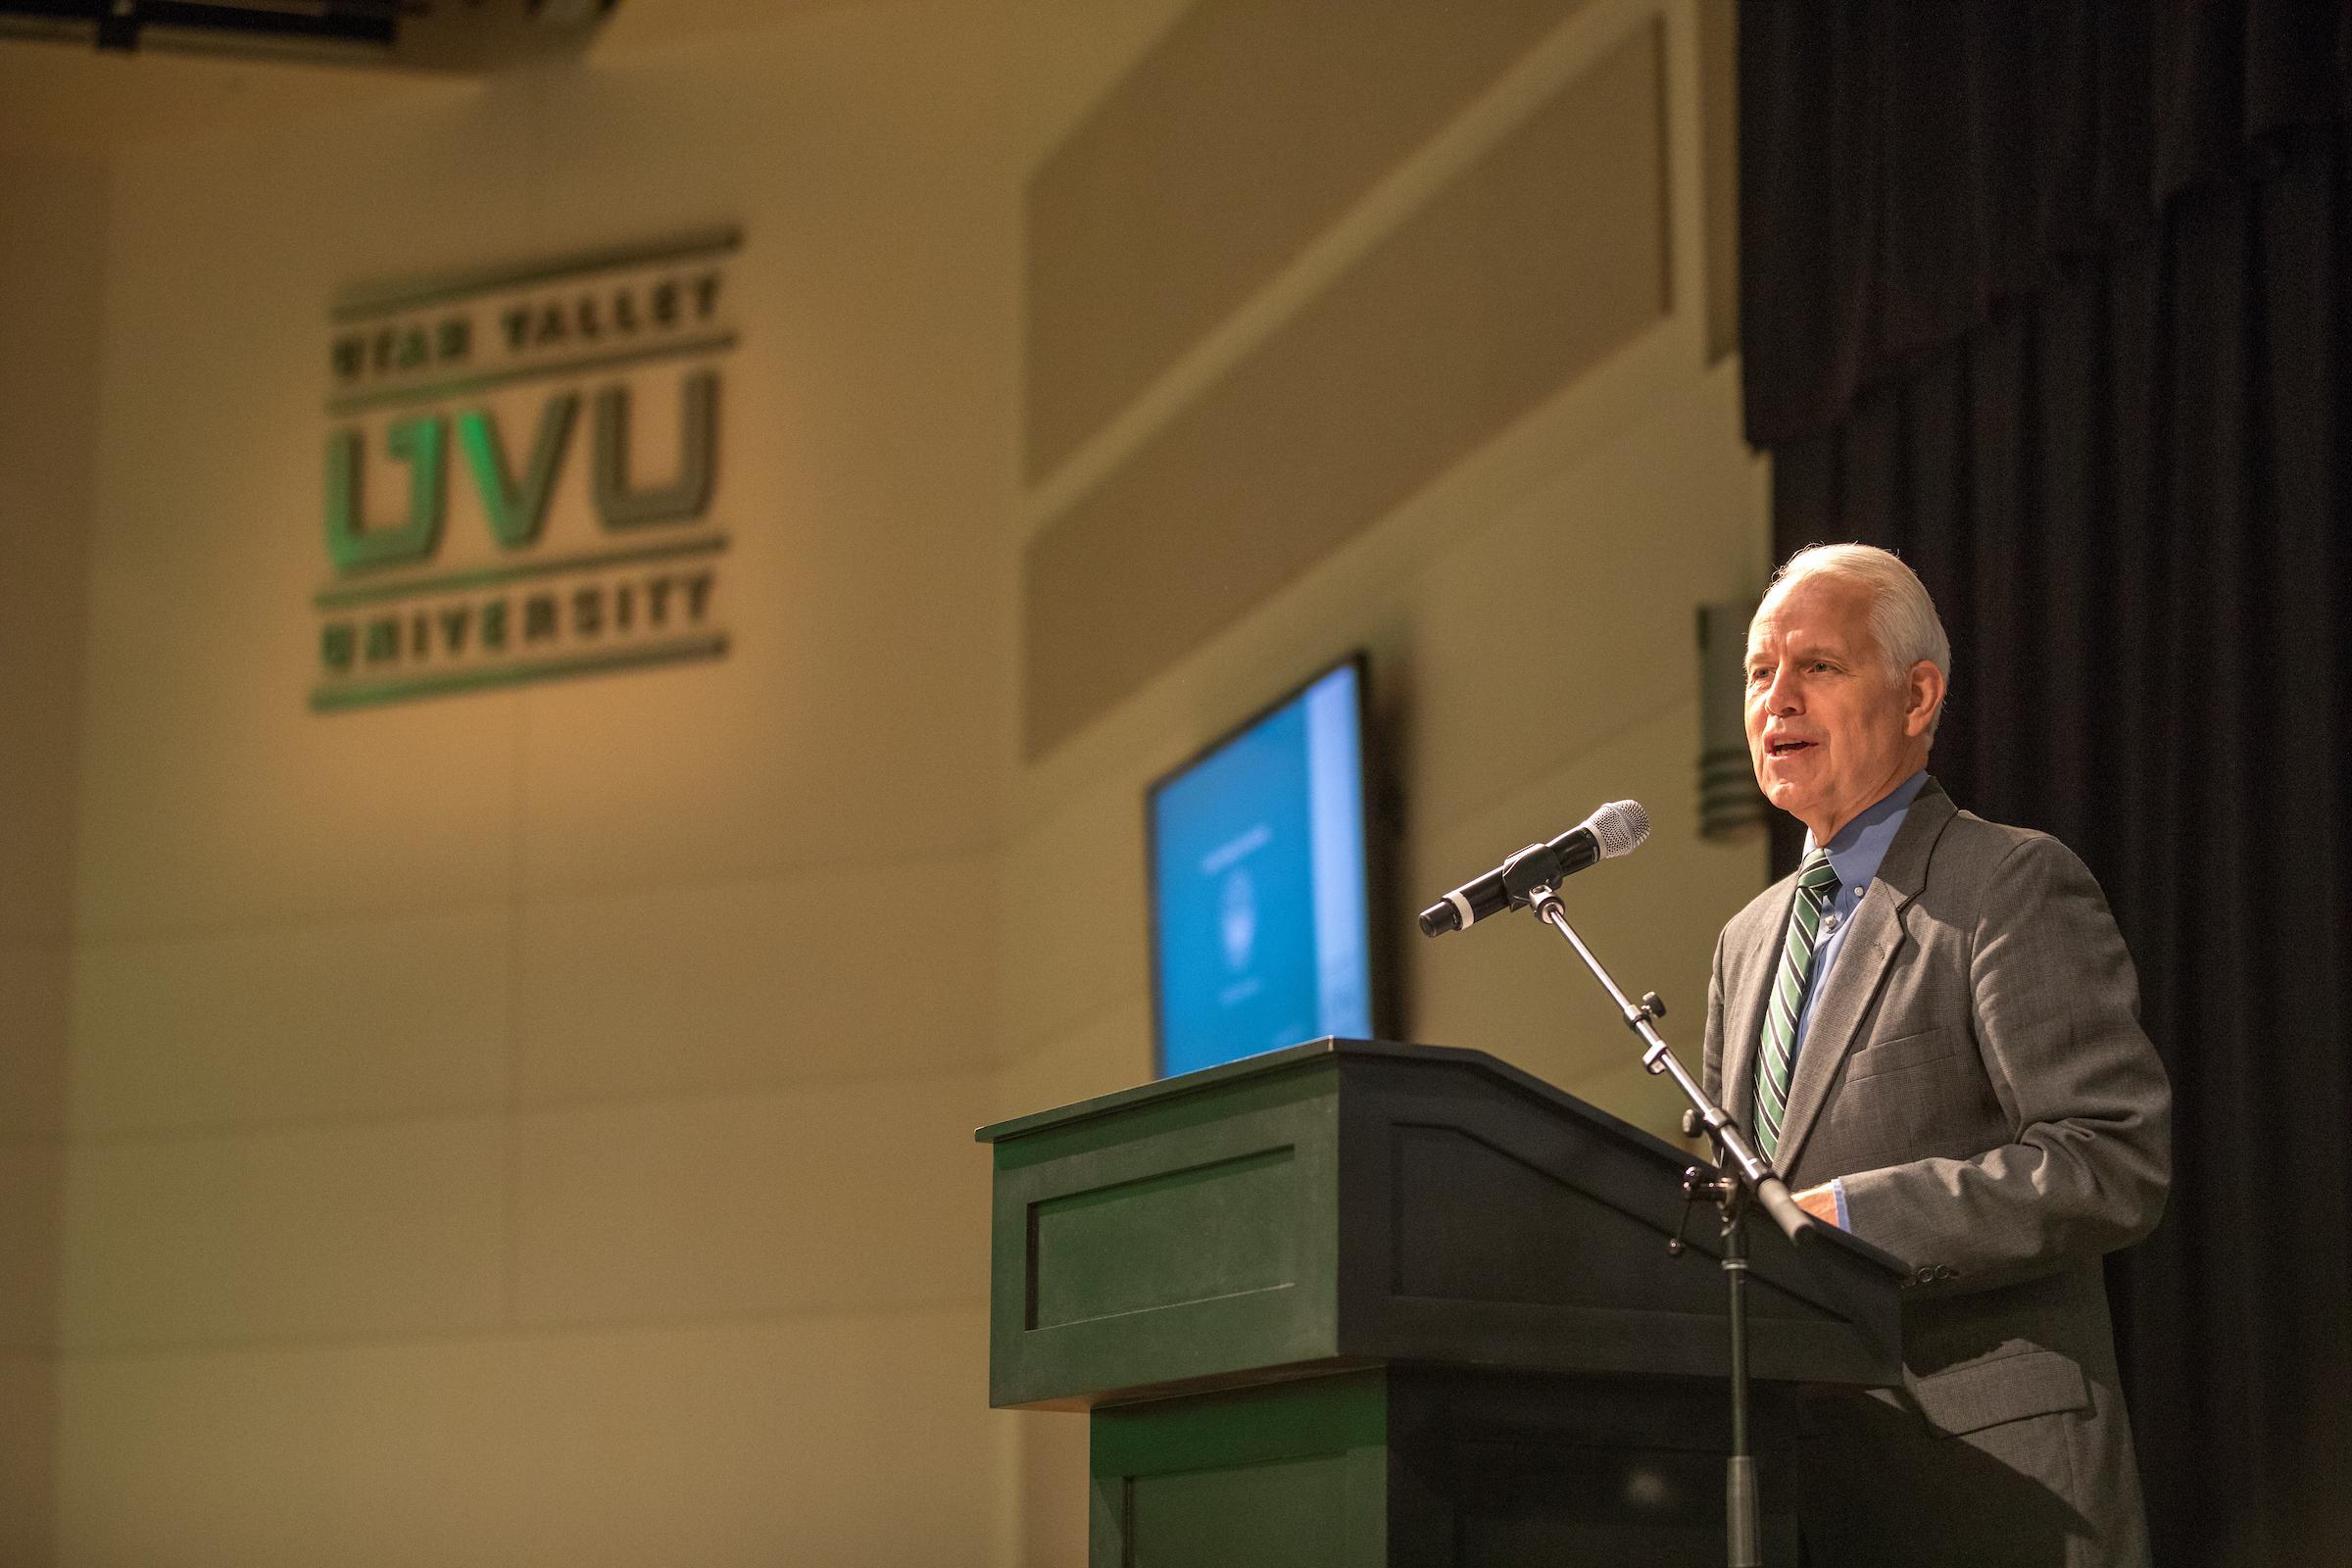 Dr. Olson named interim president